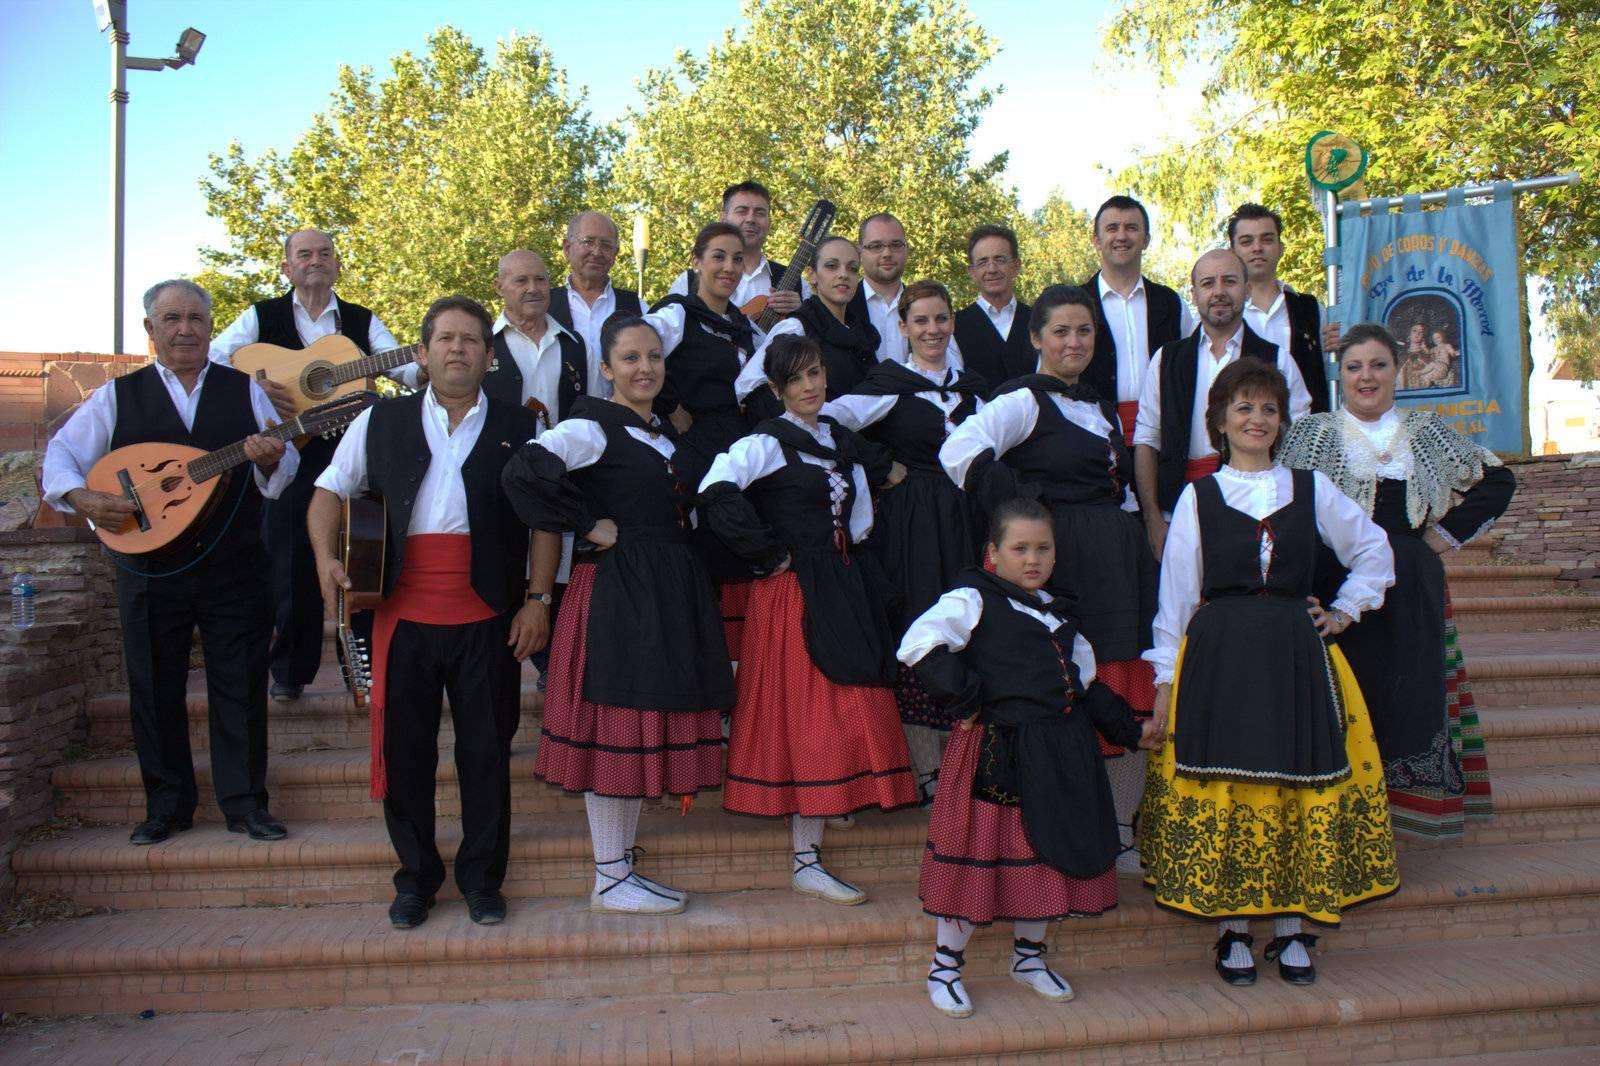 Grupo folclorico nuestra se%C3%B1ora de la merced de Herencia - El grupo folclórico de la Merced baila en Almagro